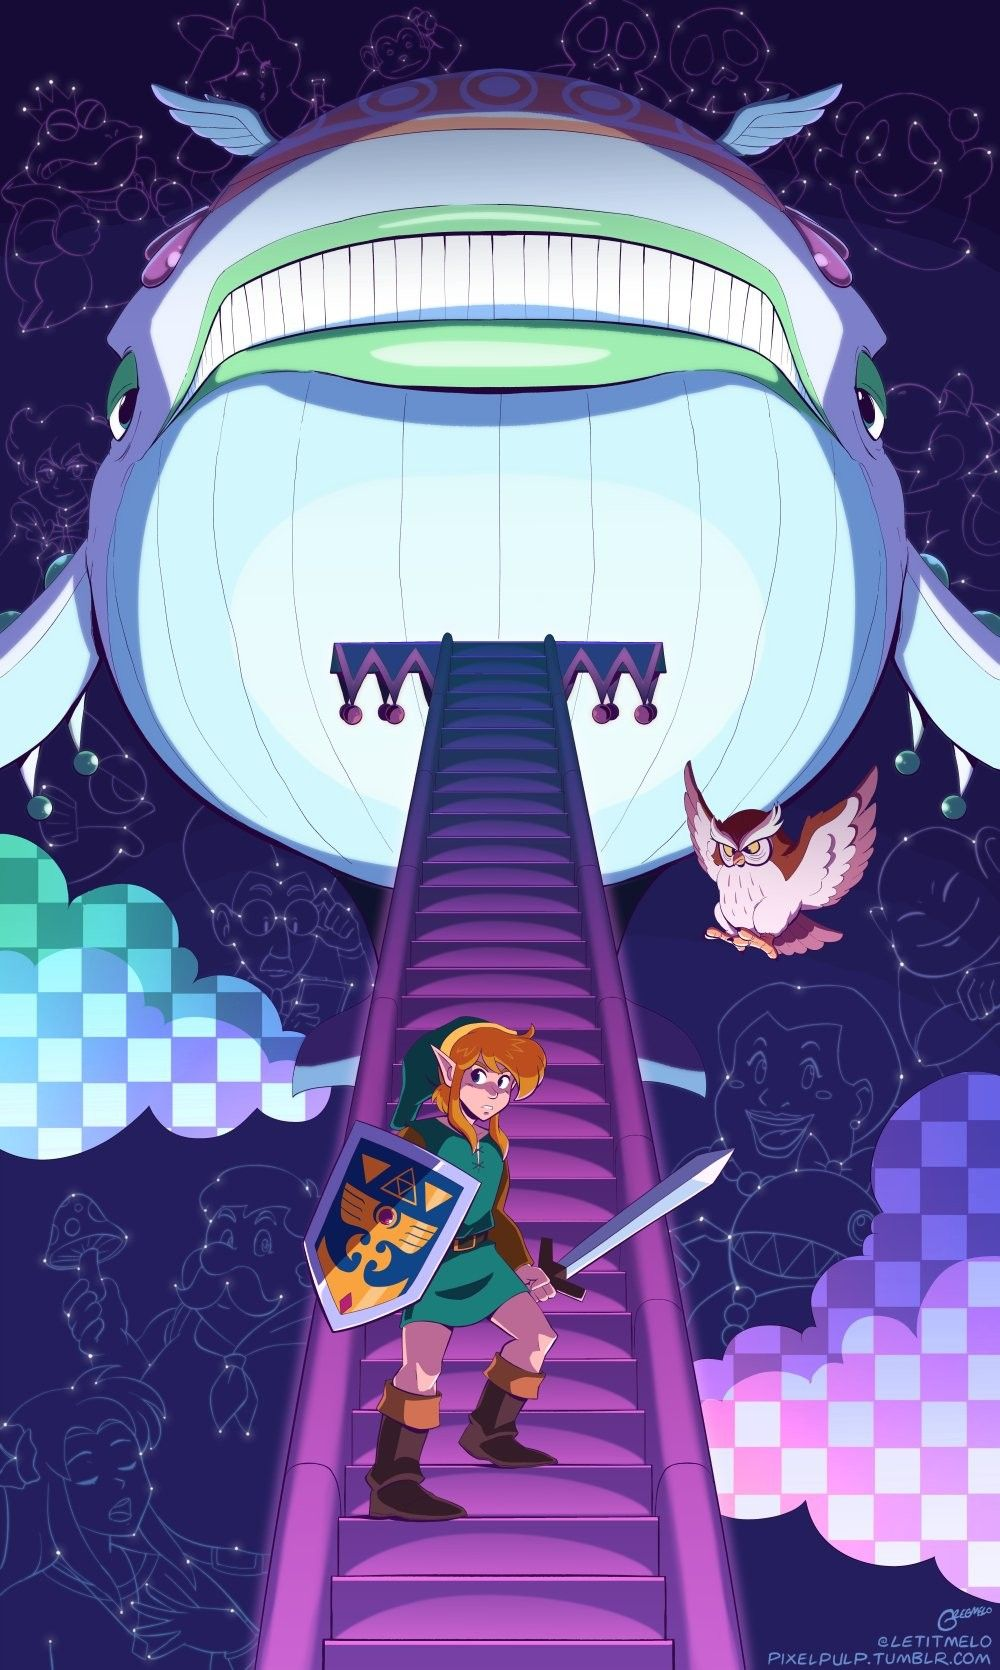 Legend Of Zelda Link S Awakening Art Link And The Wind Fish Letitmelo Legend Of Zelda Zelda Art Link Pixel Art